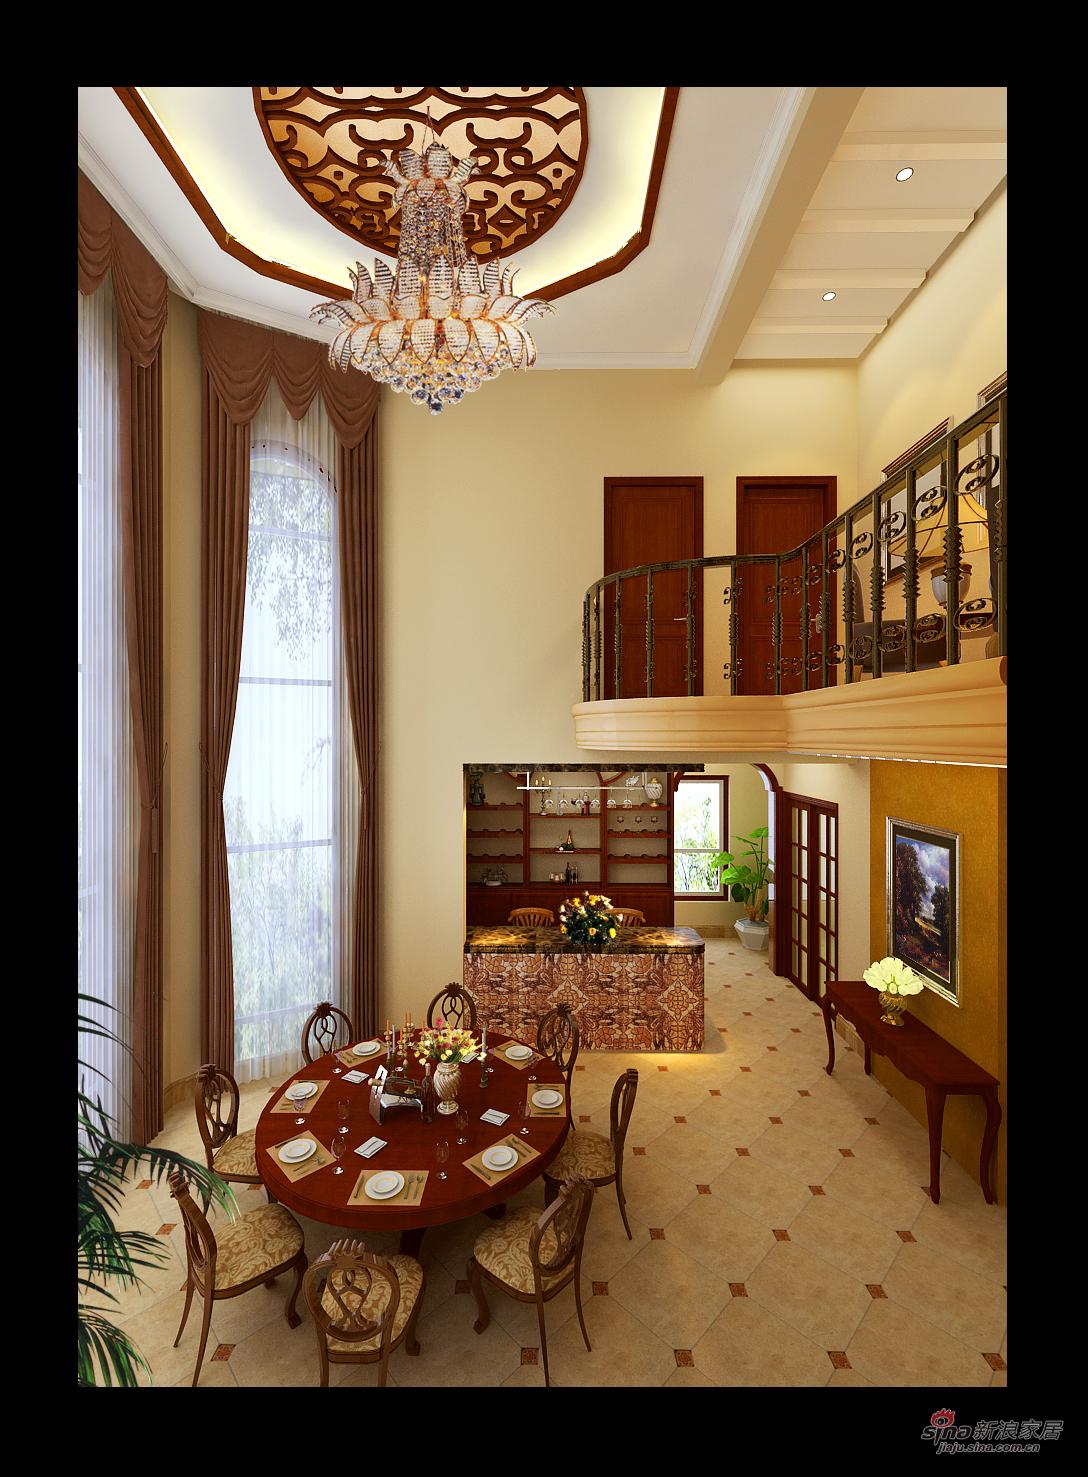 欧式 三居 餐厅图片来自用户2746953981在我的专辑175406的分享